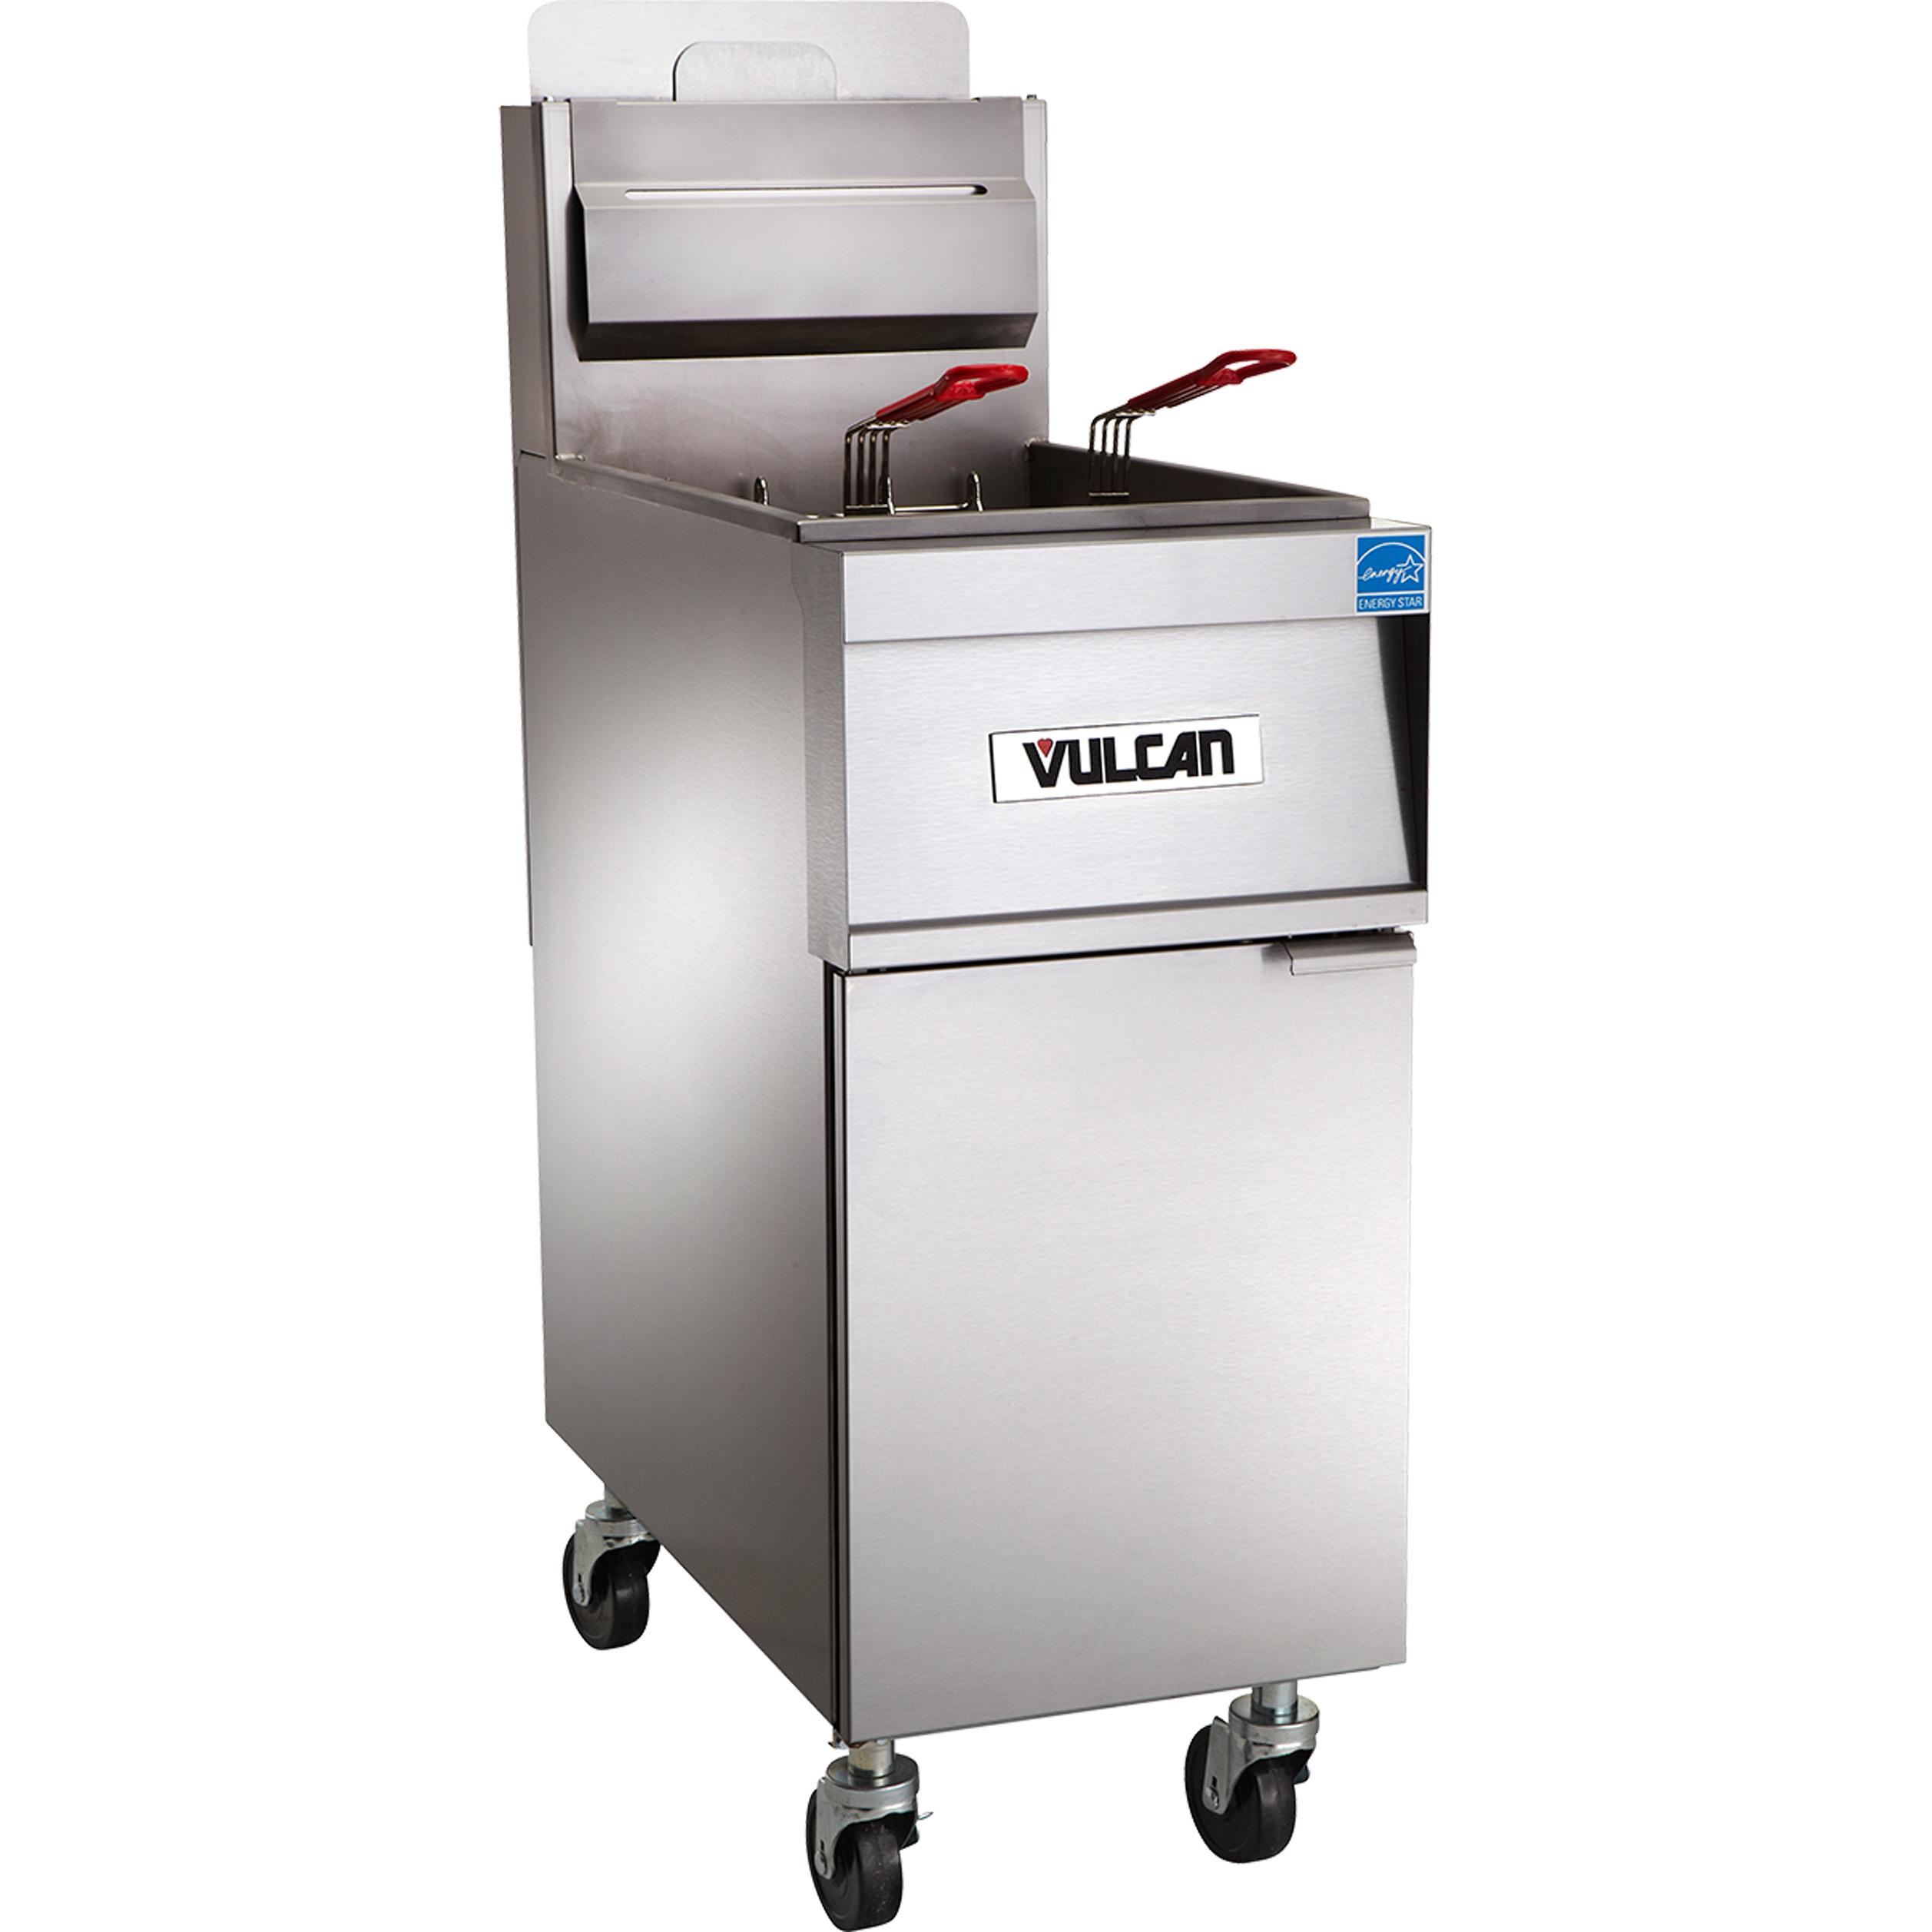 Vulcan 4TR85AF fryer, gas, multiple battery